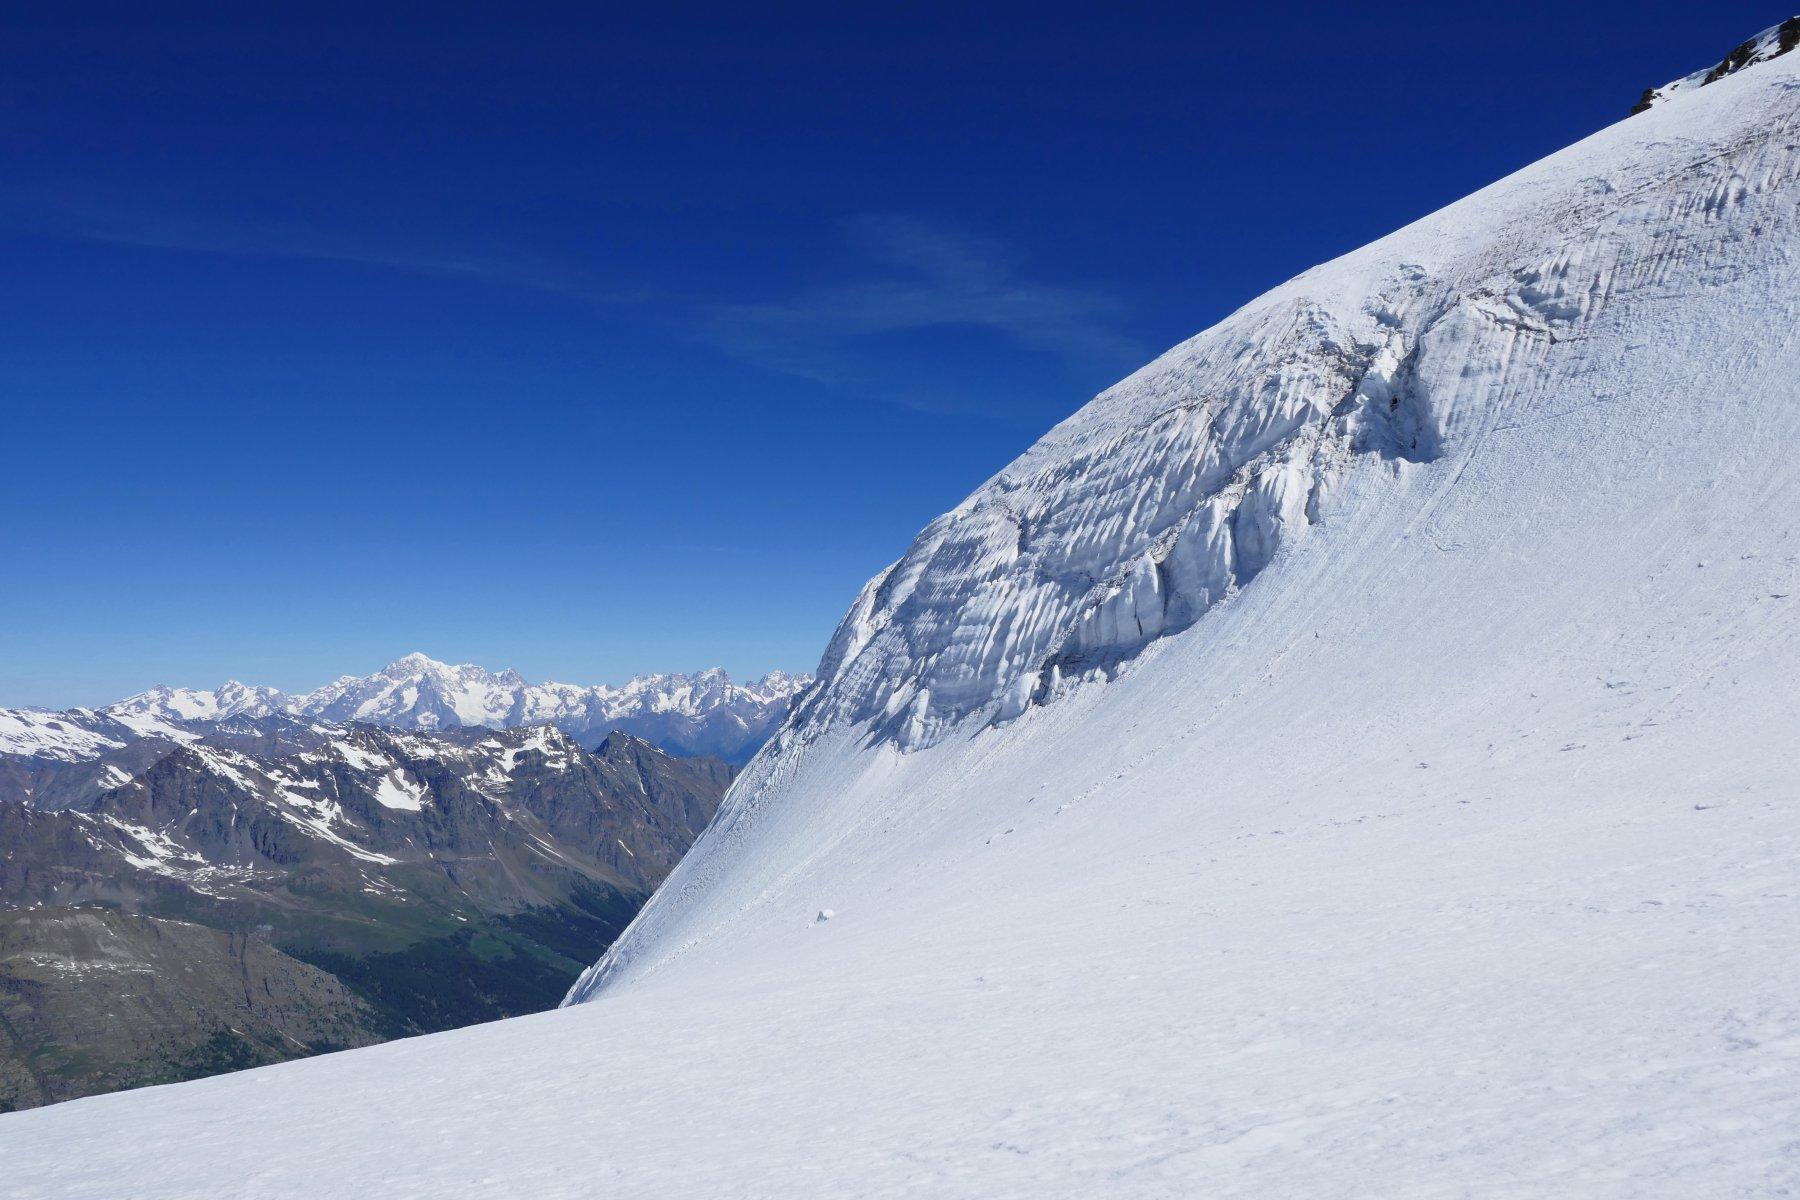 Seracco nel ghiacciaio del Gran Paradiso, sullo sfondo la mole del Monte Bianco